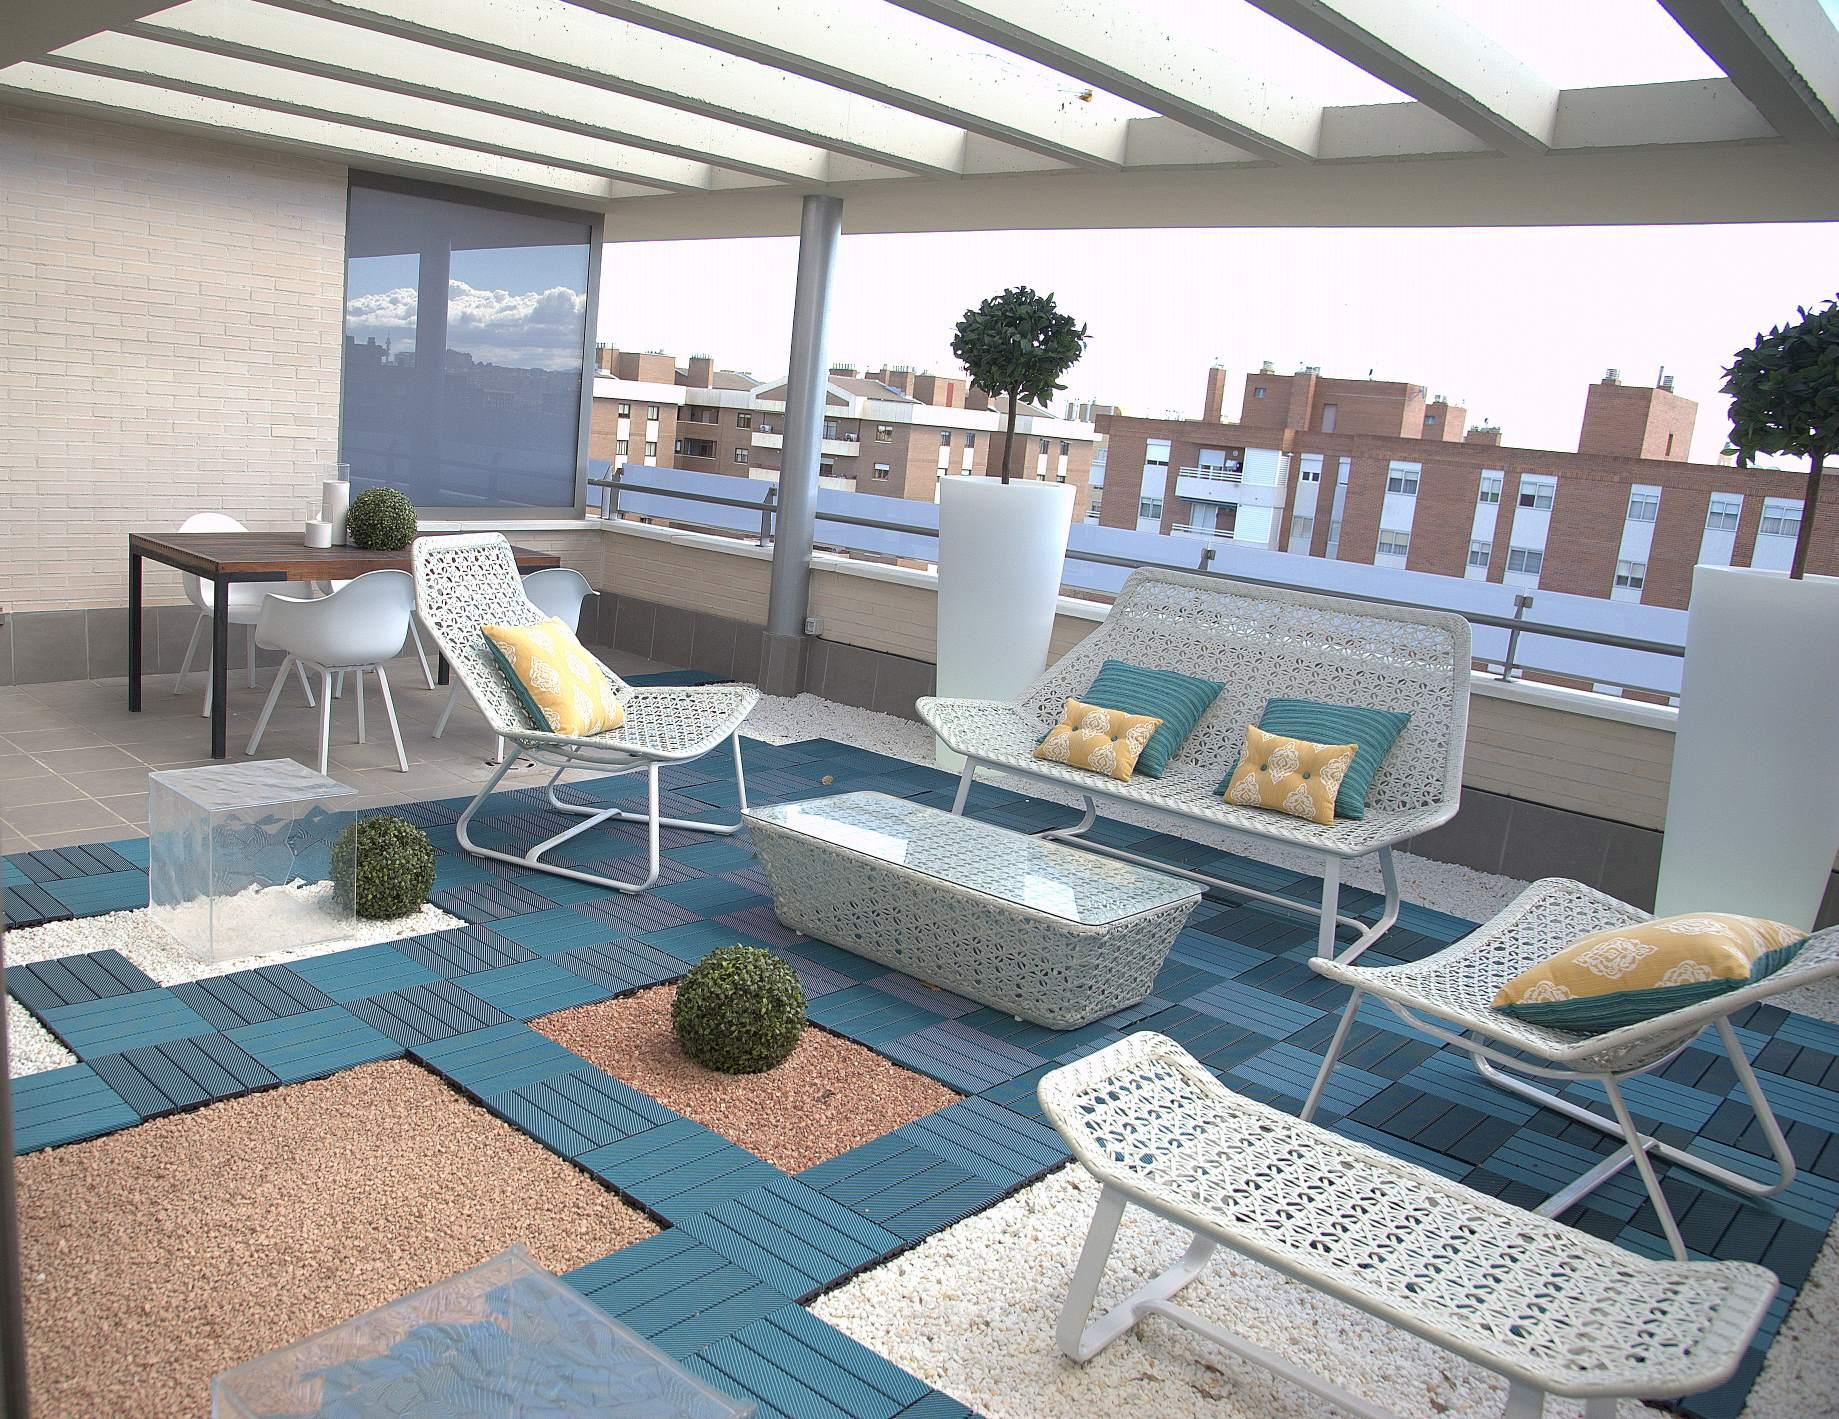 Maceteros iluminados un juego de luces en la terraza for Decoracion plantas para terrazas